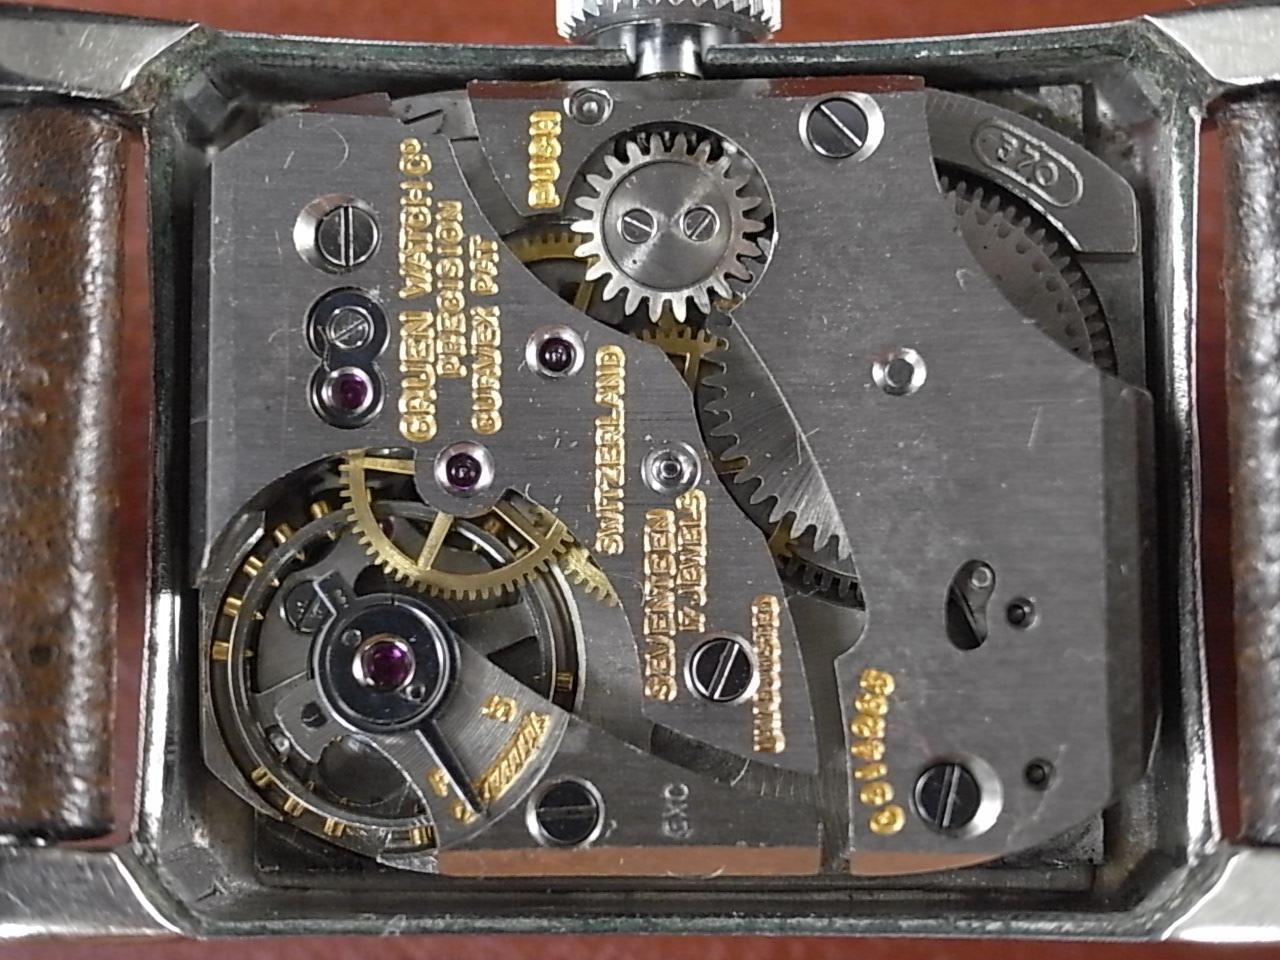 グリュエン カーベックス 10KWGF ブラックミラーダイアル Cal.370 1940年代の写真5枚目